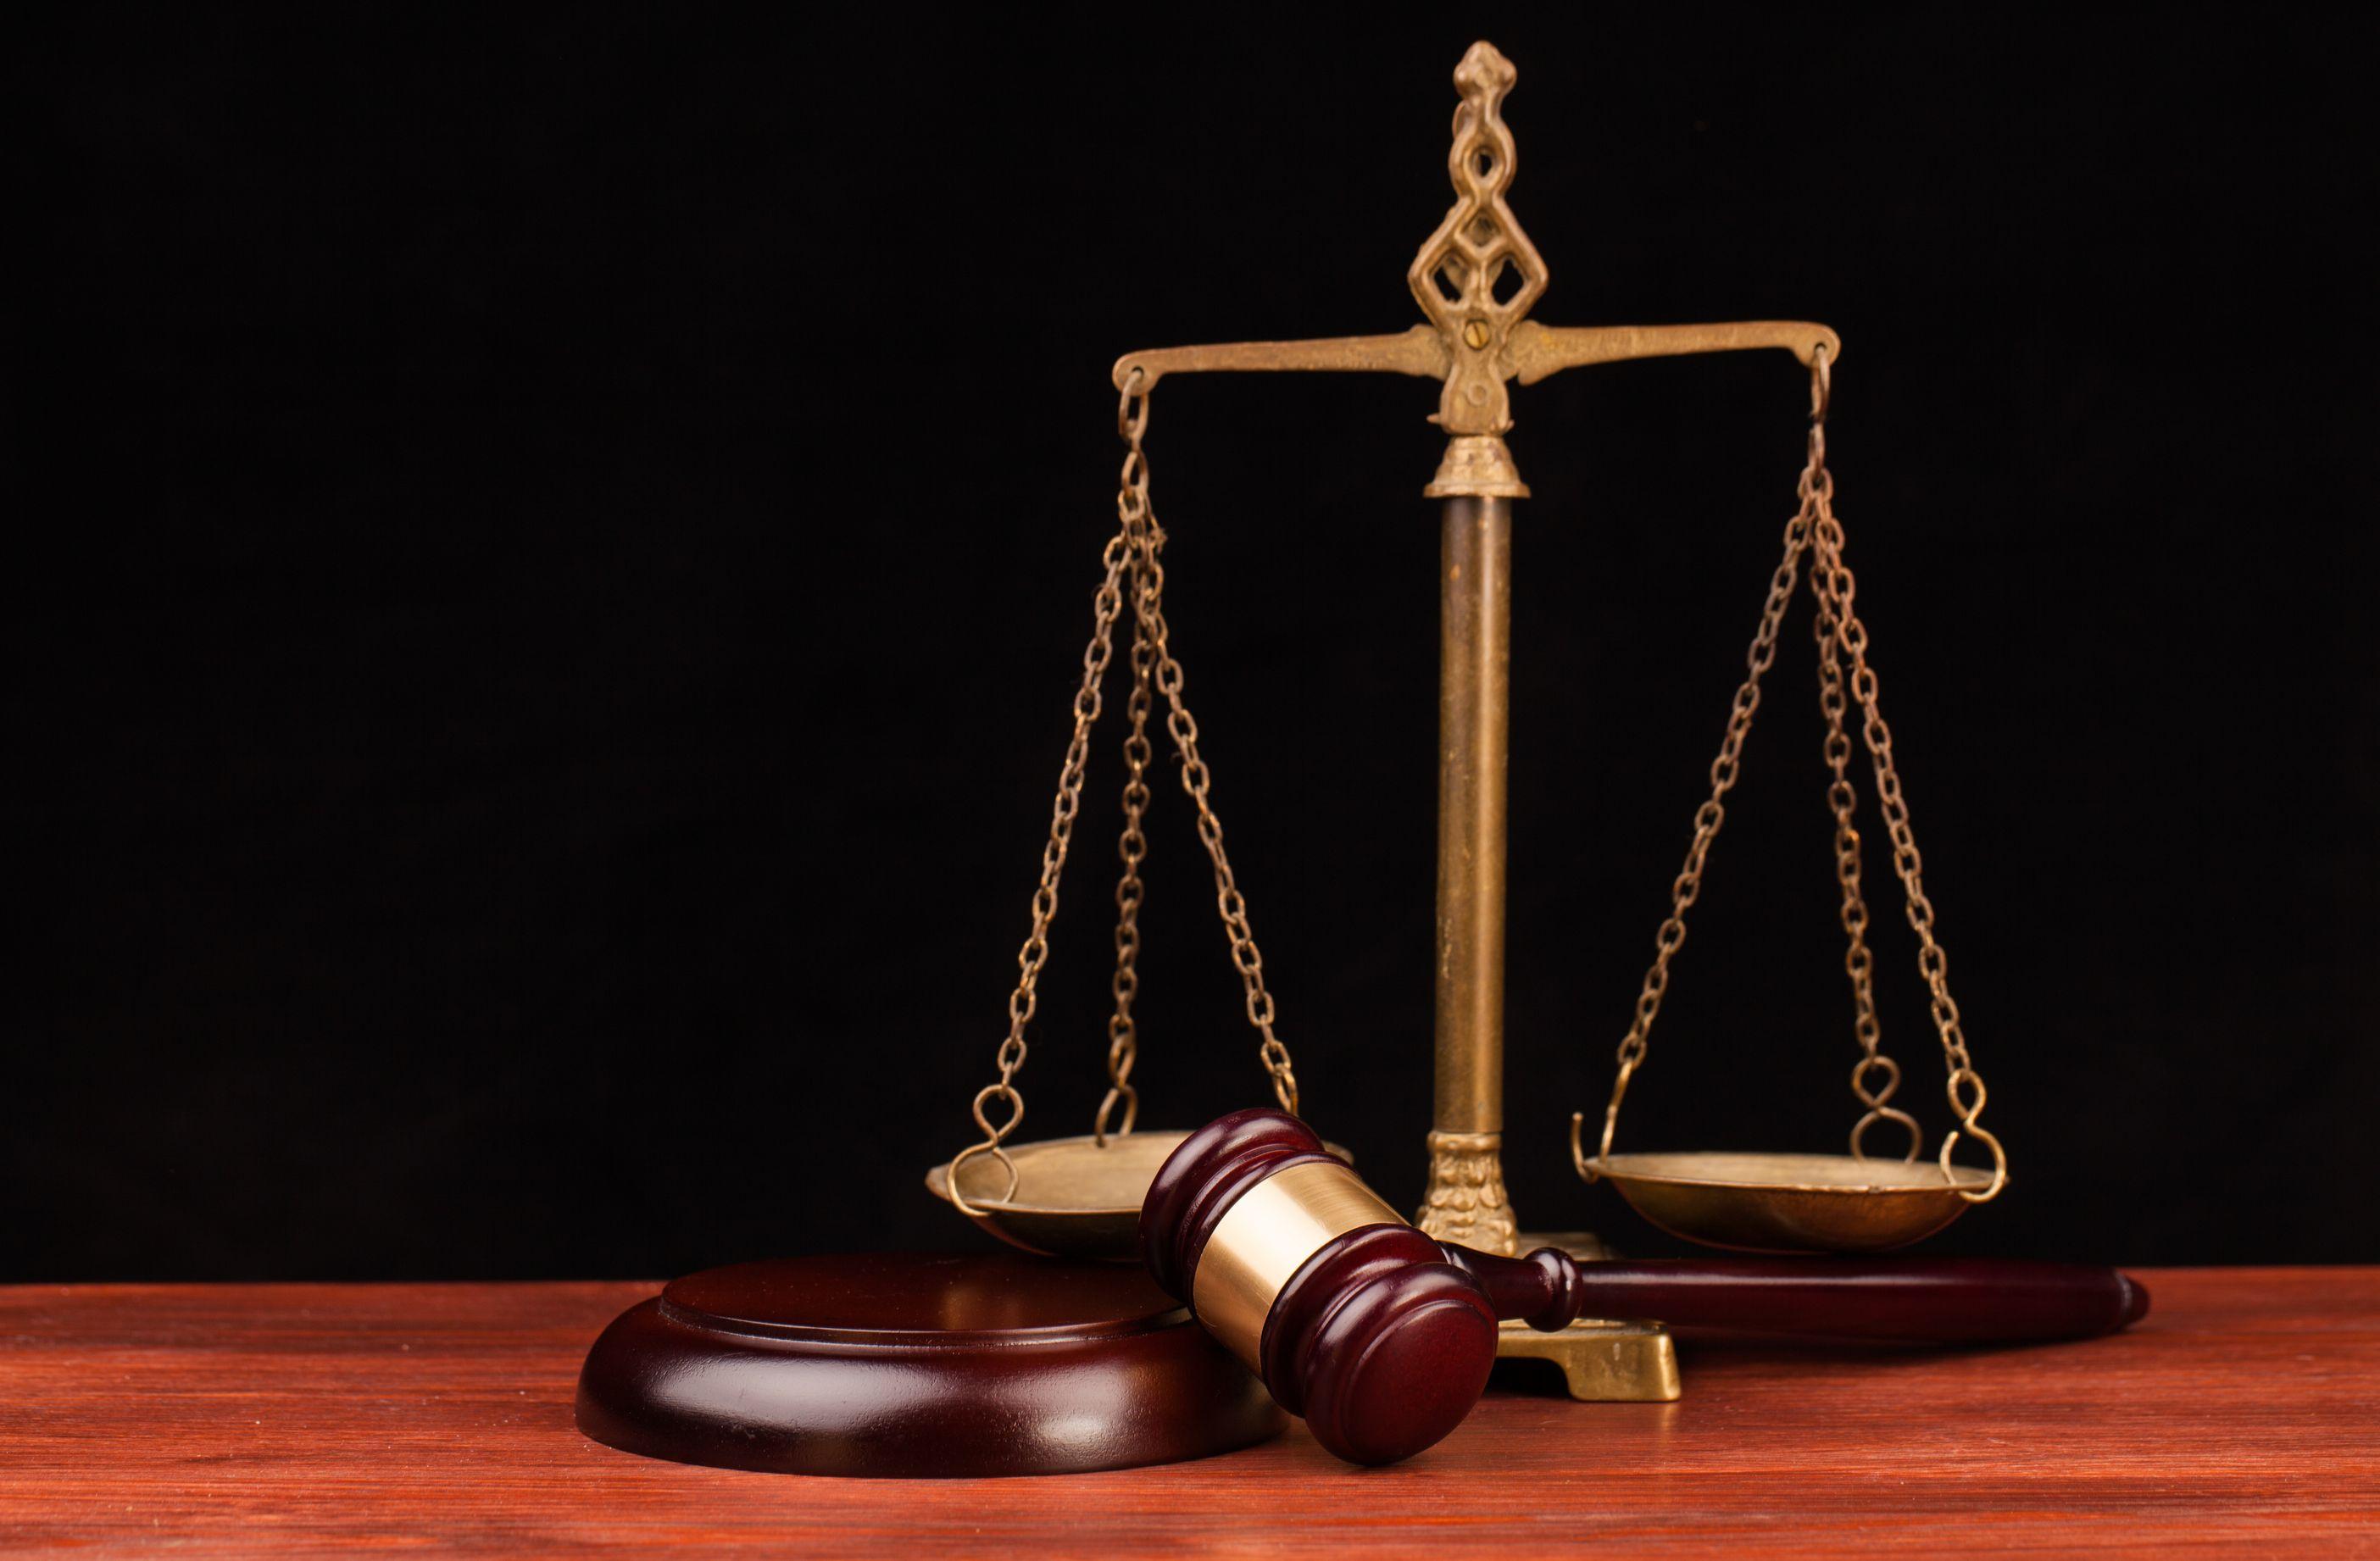 Уголовный кодекс рф статья 111 часть 1 срок наказания